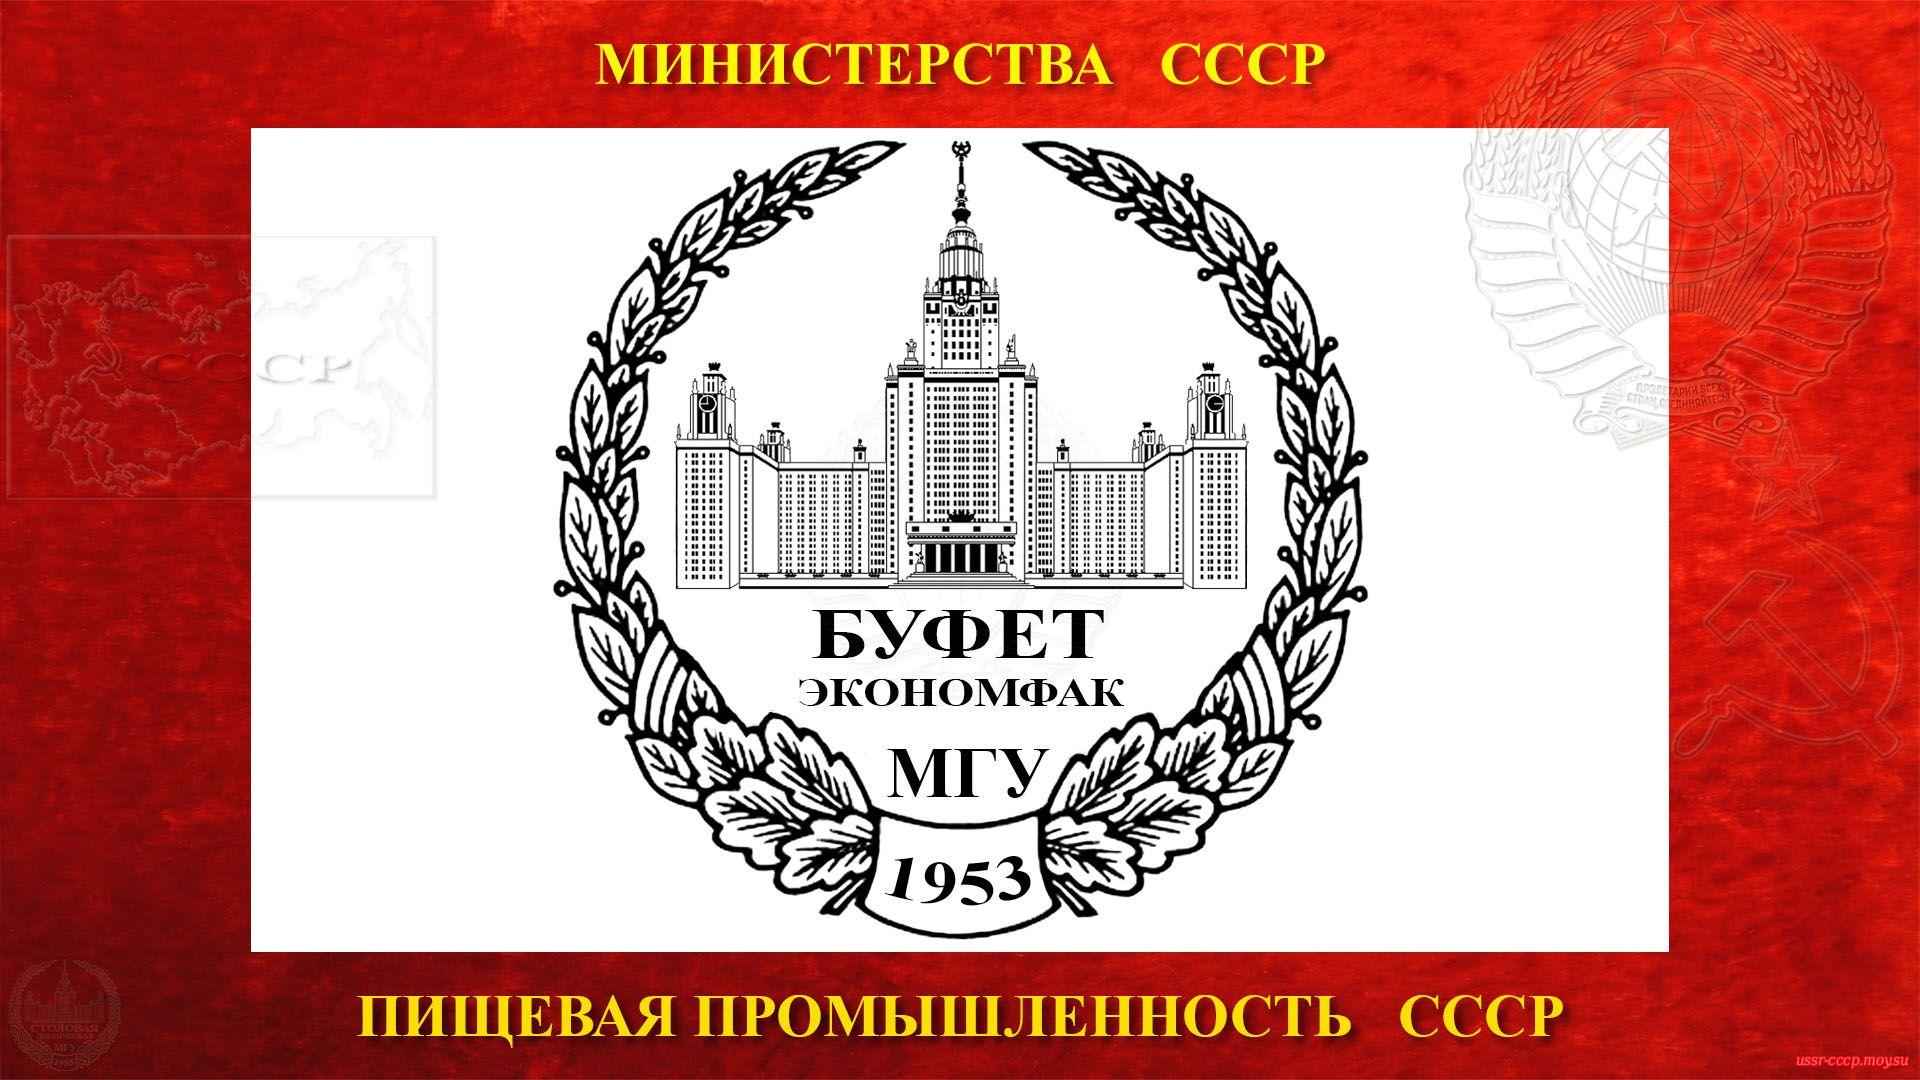 Буфет экономфак МГУ (бутерброды)